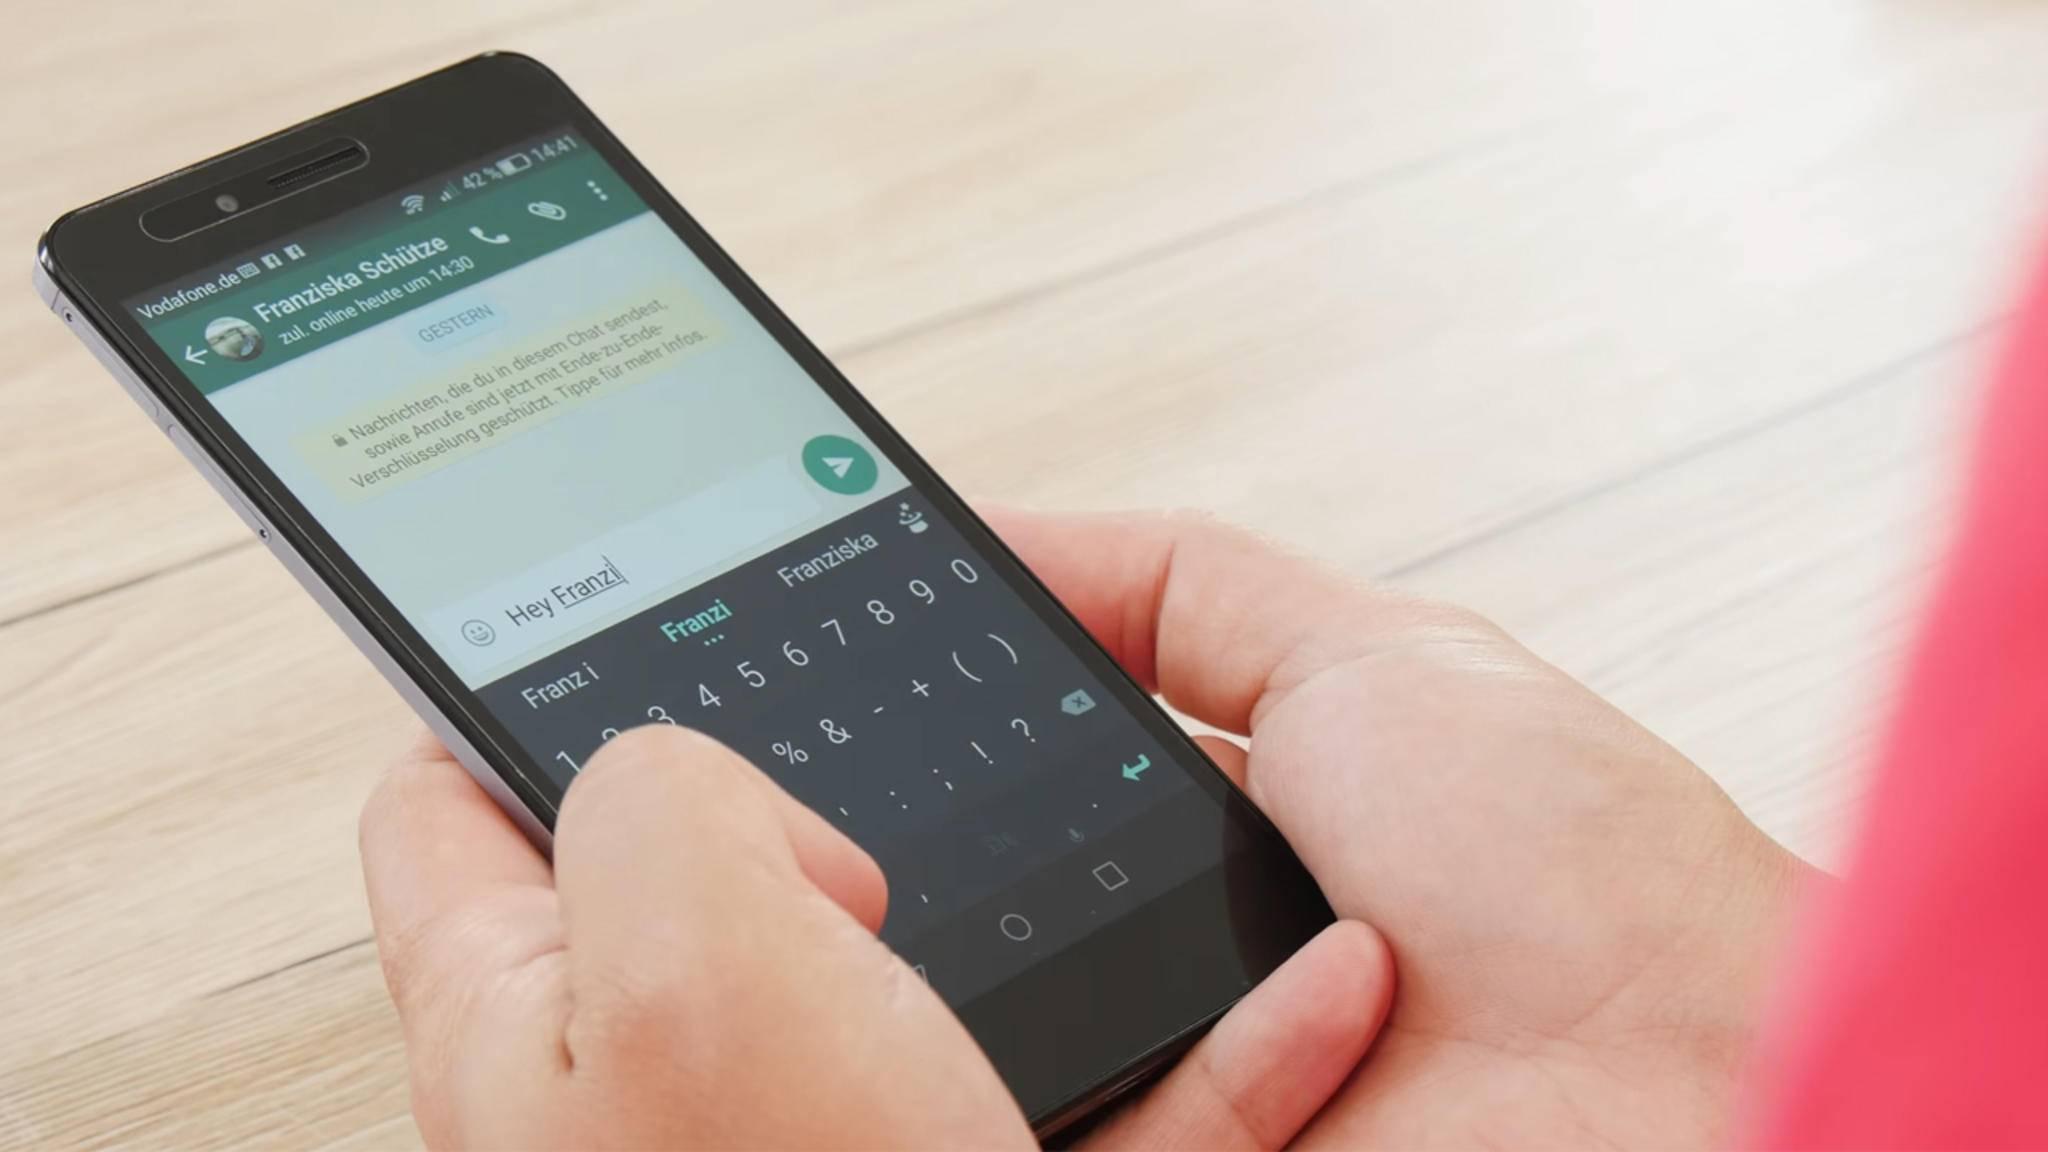 WhatsApp ist dank der Zwei-Faktor-Authentifizierung sicherer geworden.